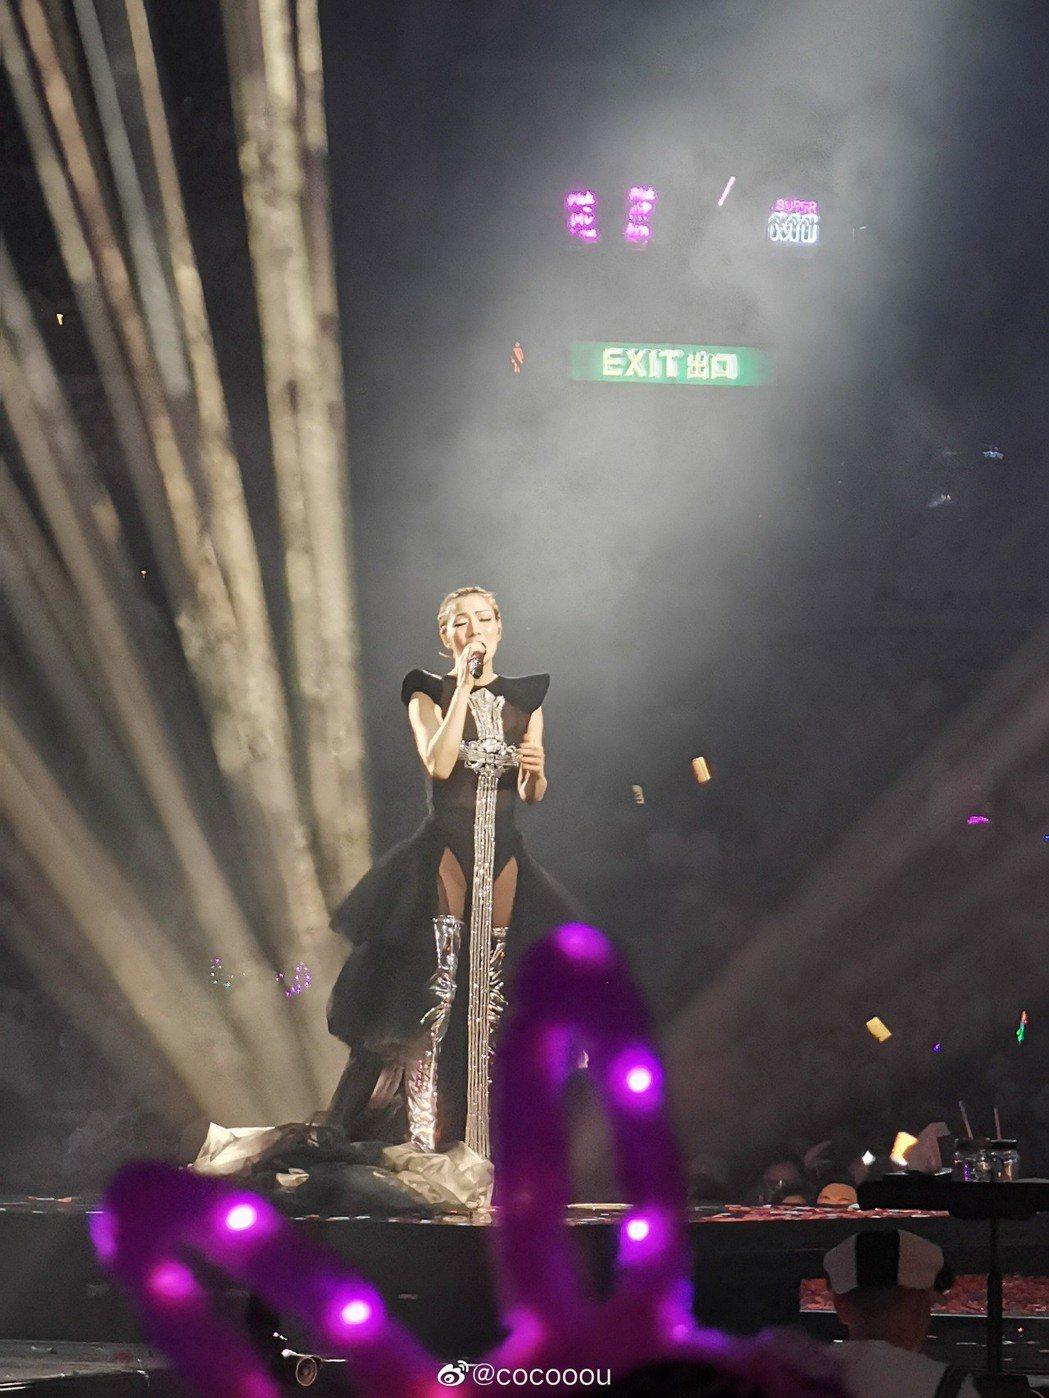 鄭秀文昨晚開唱,似乎受許志安偷吃影響,台上與粉絲說話都帶些傷感。圖/摘自微博